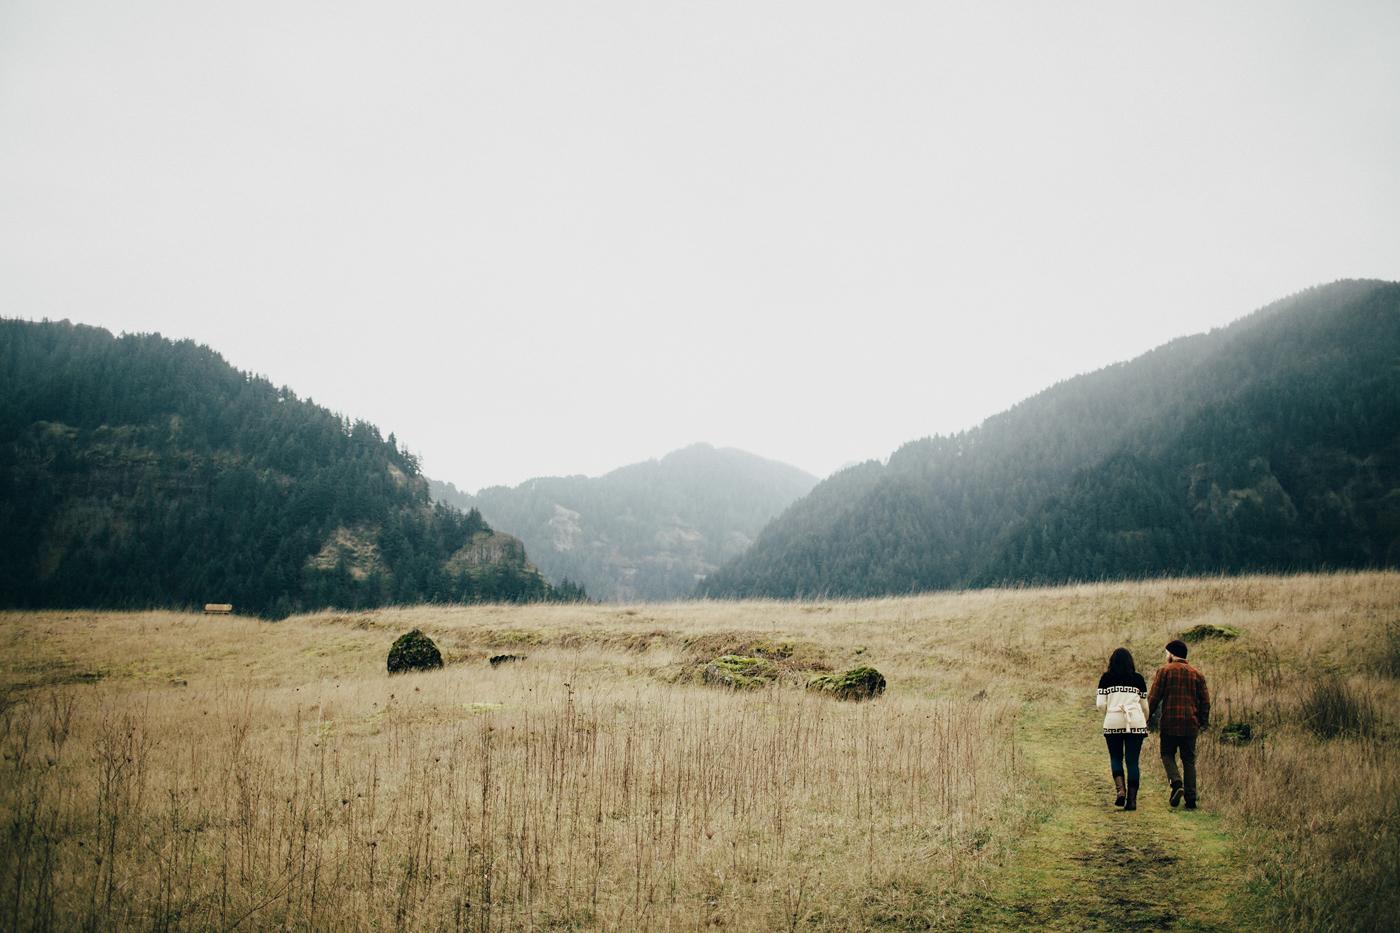 Cute couple walking through beautiful washington field